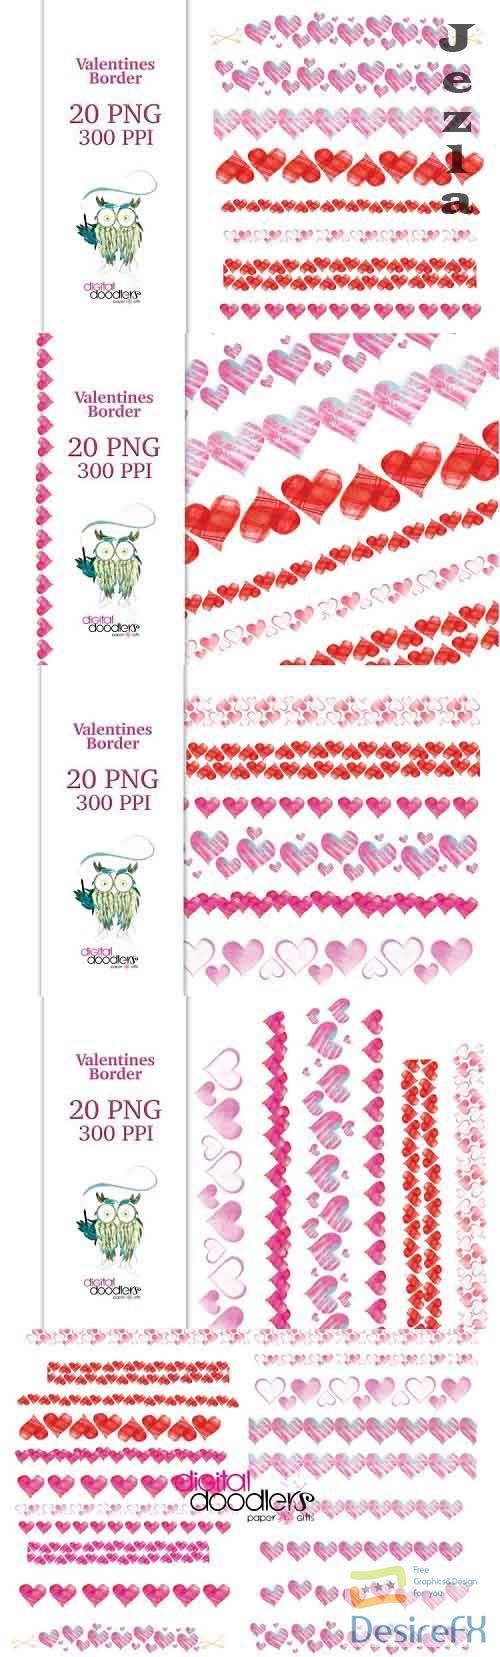 Valentine Borders - 1134024